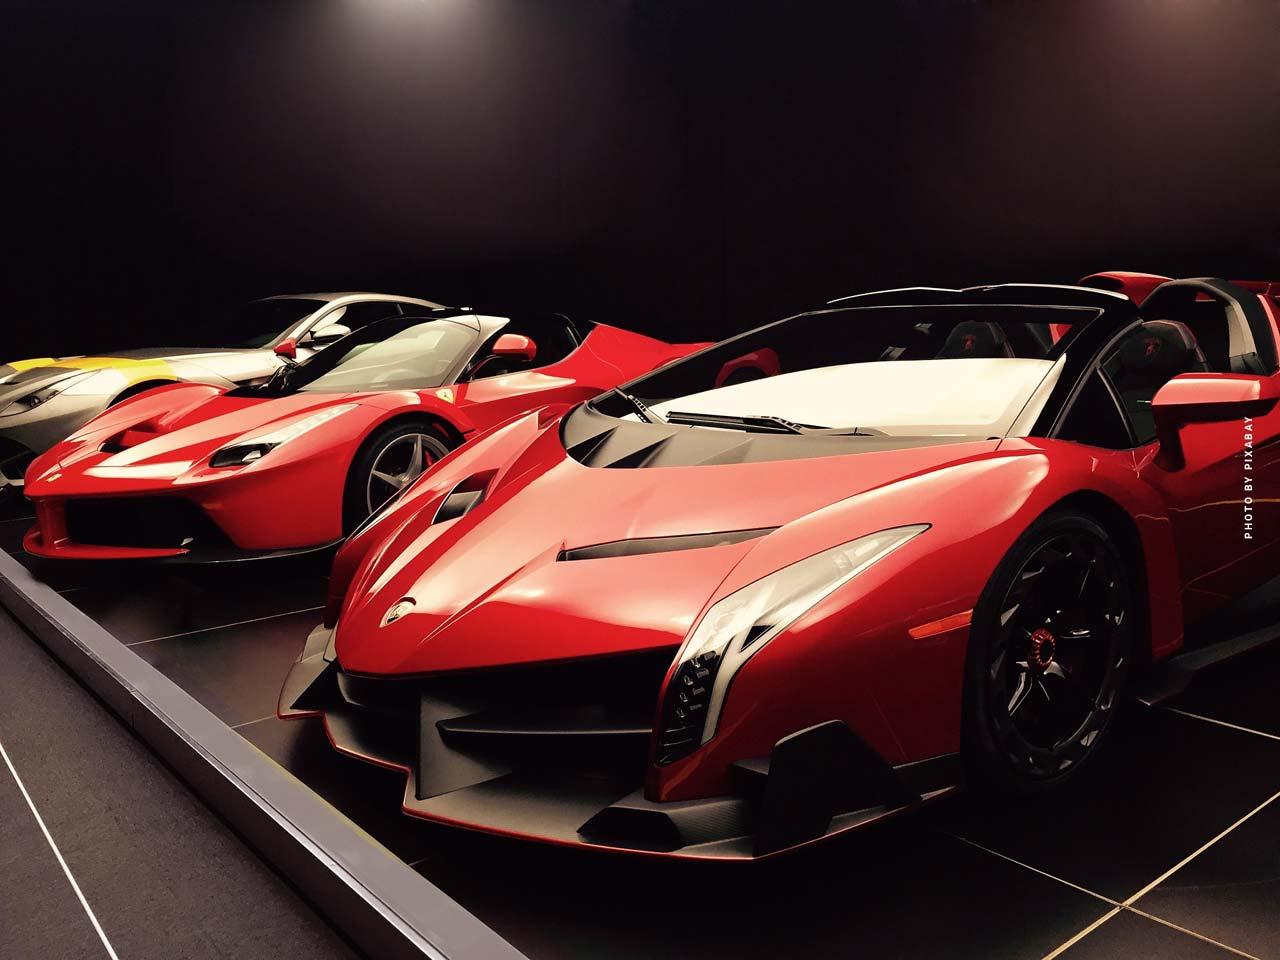 Compra Ferrari como una inversión de capital: Los modelos más caros de Ferrari